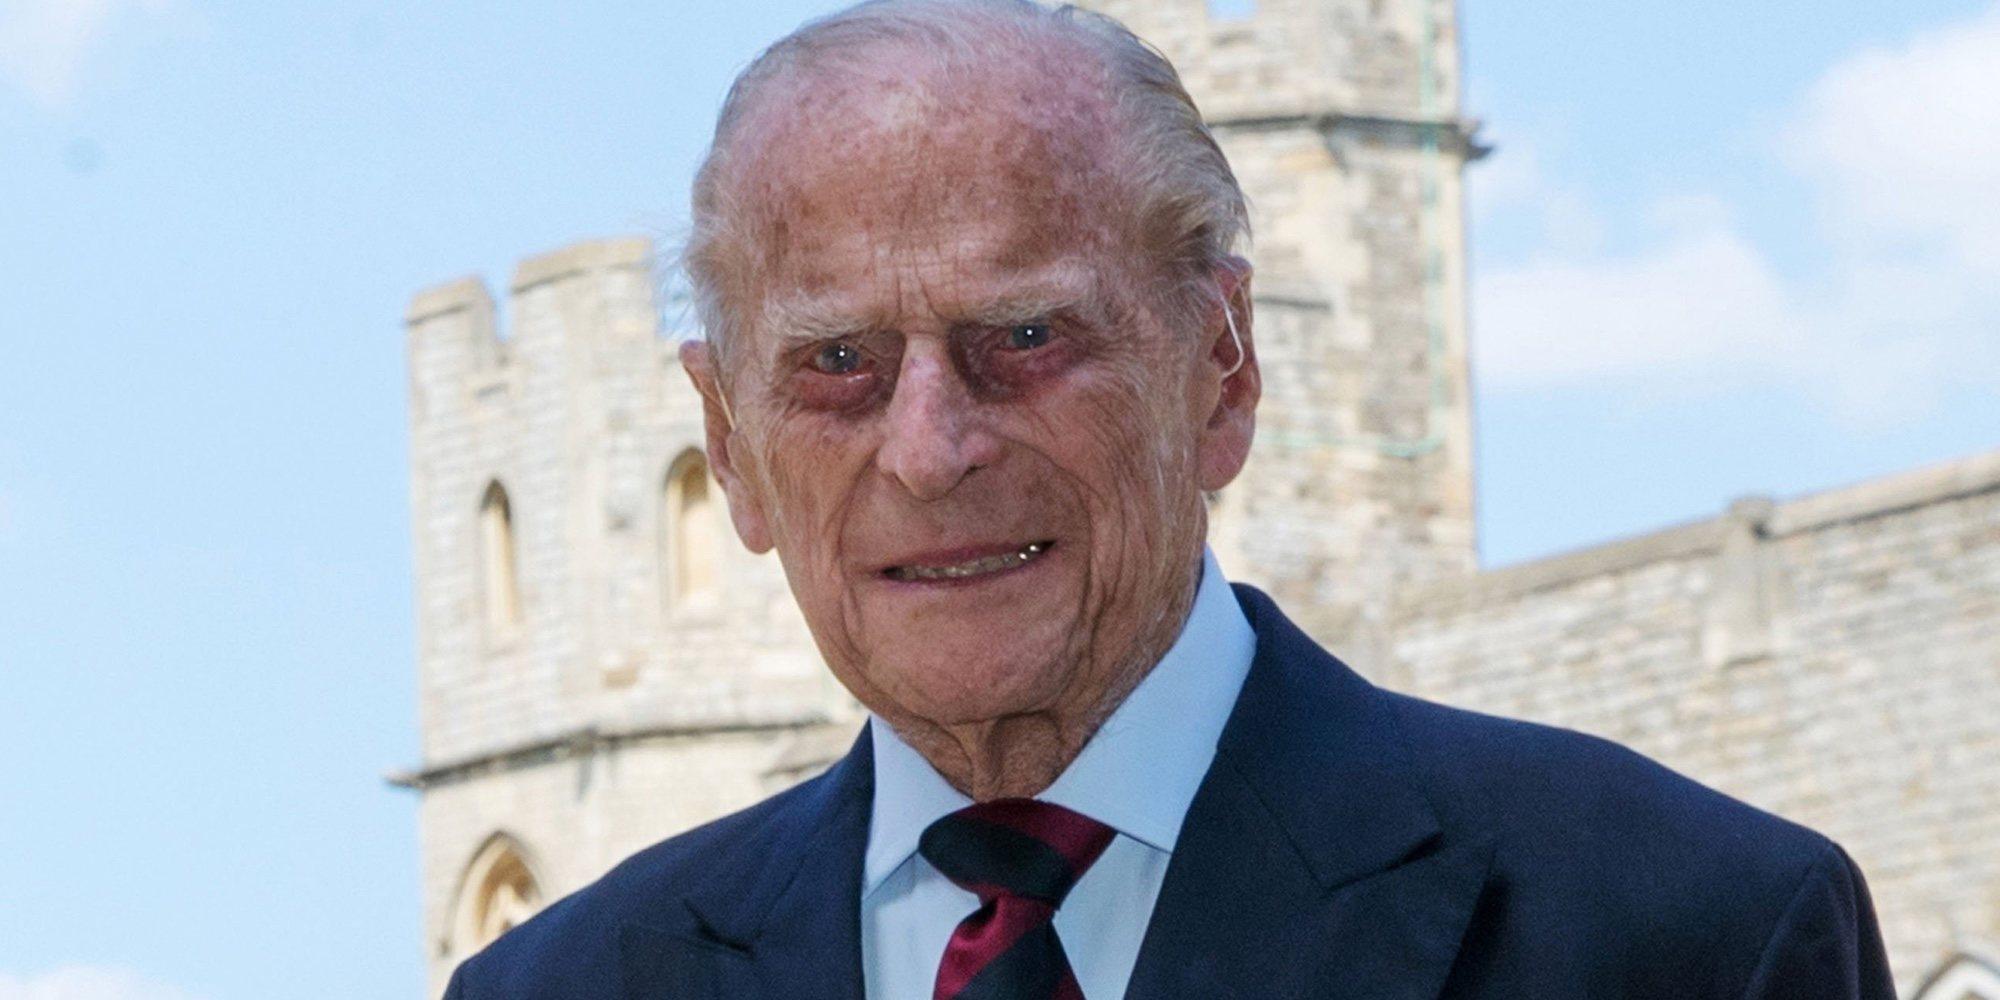 El Duque de Edimburgo, trasladado de hospital tras su intervención cardíaca